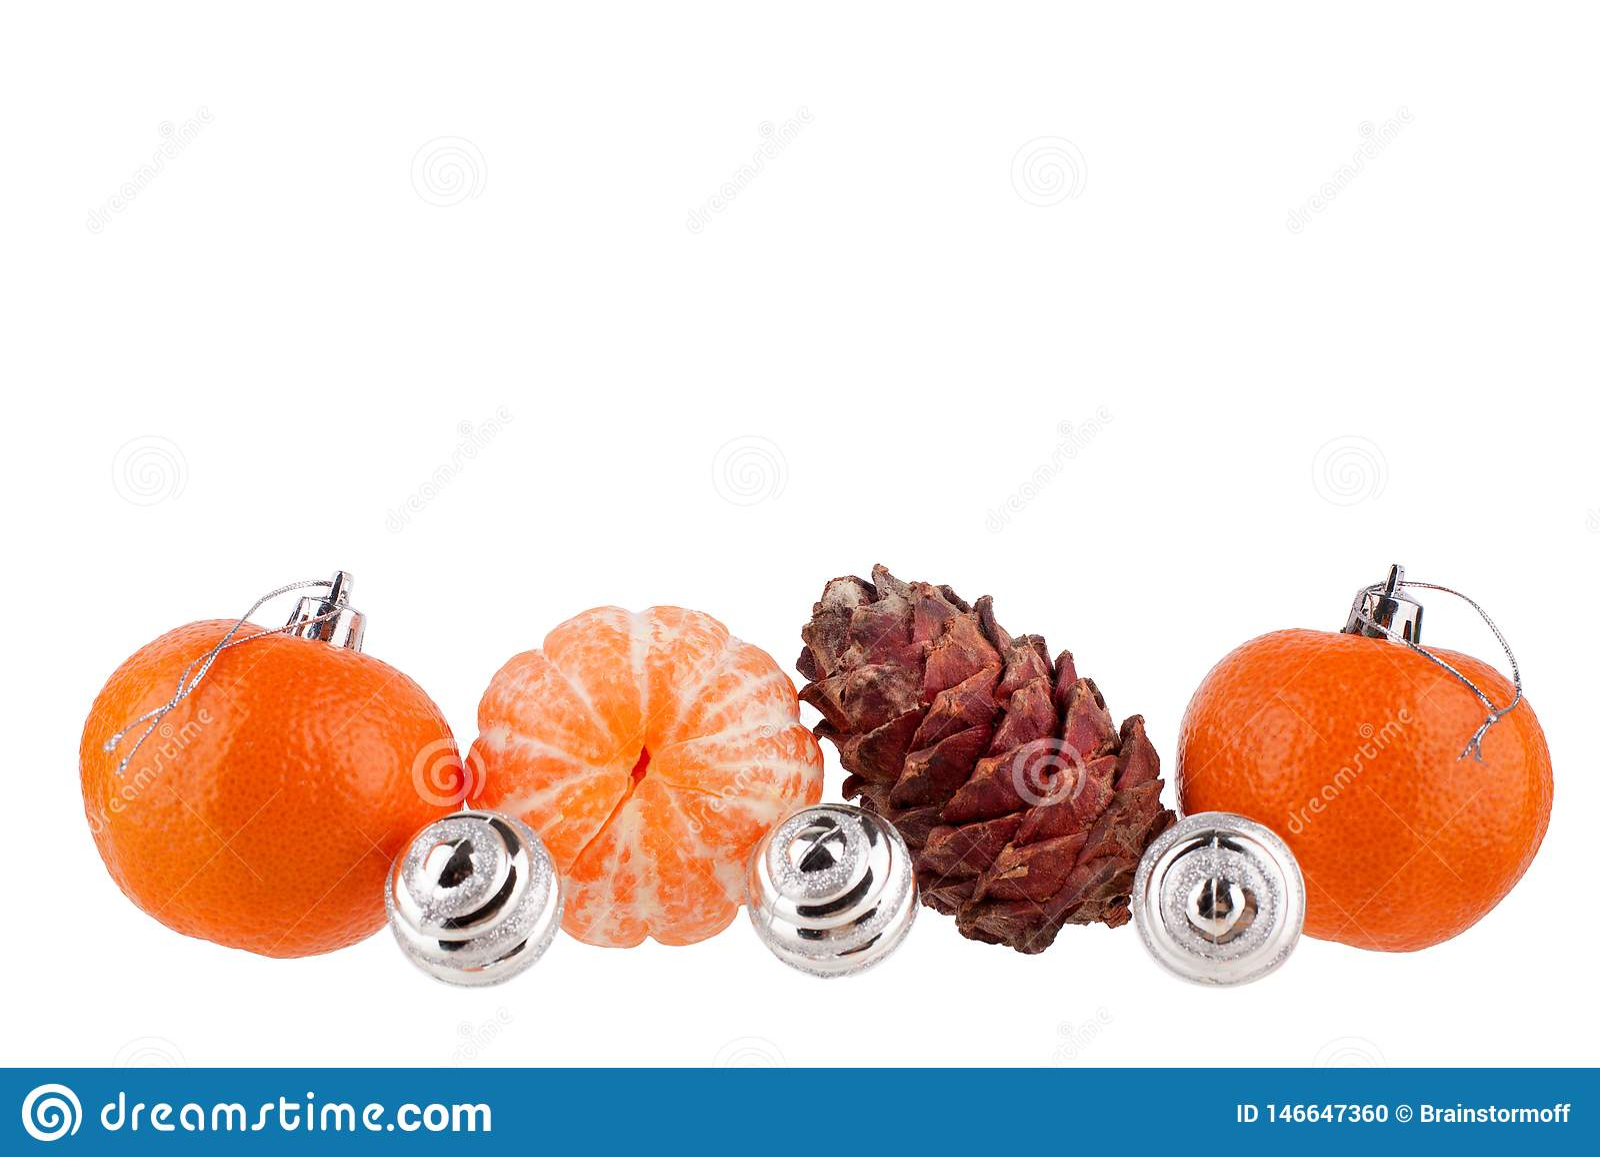 Fronti?re de nouvelle ann?e et de No?l, boules de No?l, mandarines, c?ne de pin, ornement ou mod?le pour la carte de voeux, banni